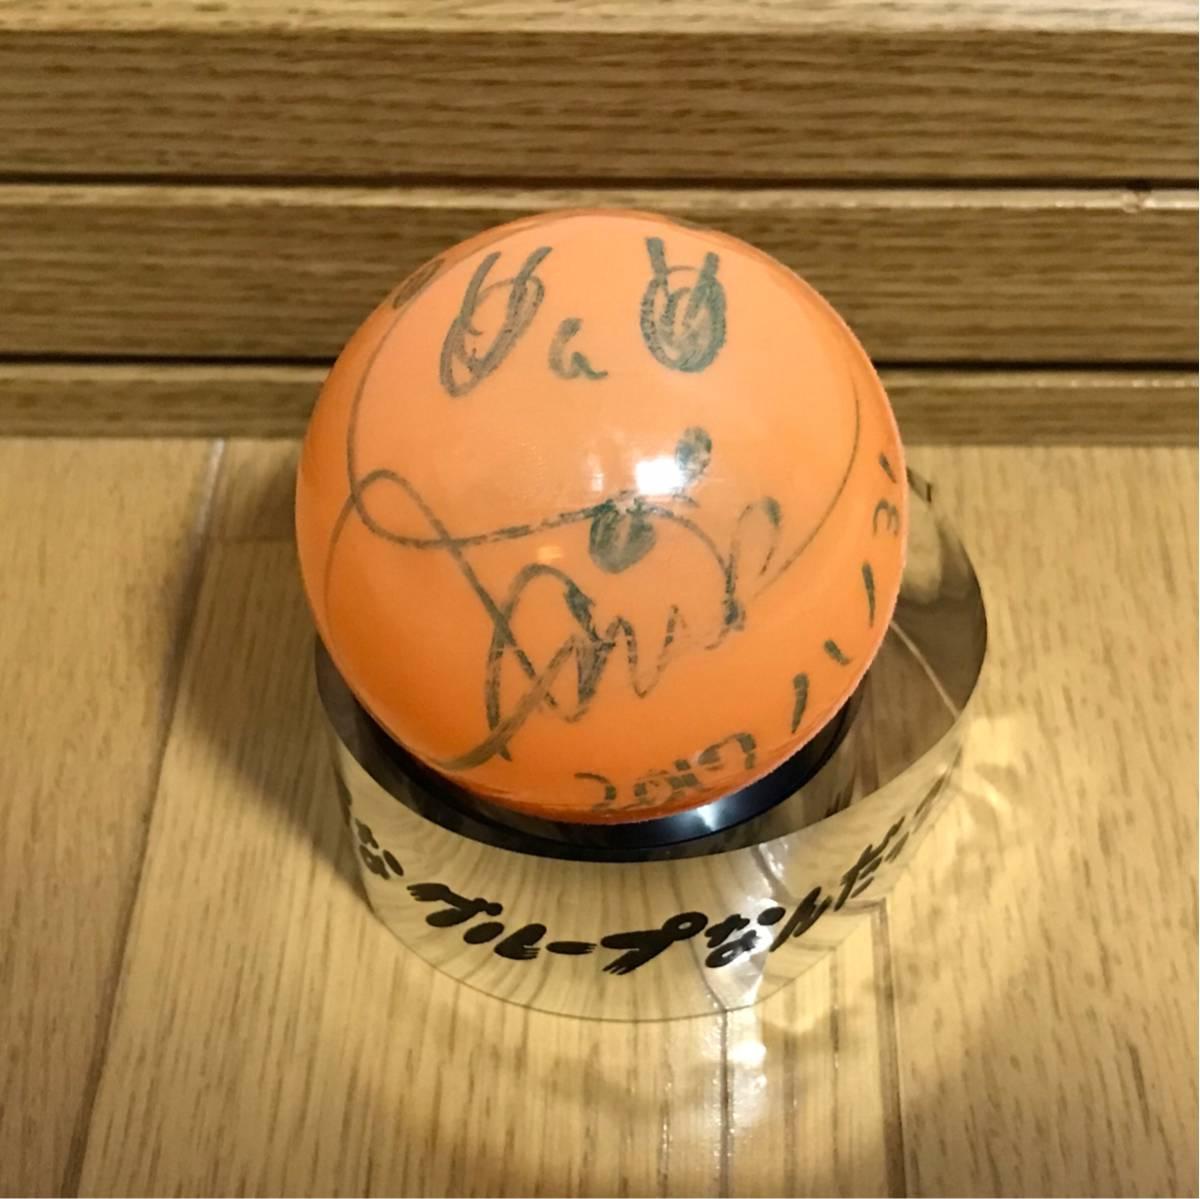 私立恵比寿中学 廣田あいか 生誕ソロライブ 直筆サインボール ライブグッズの画像